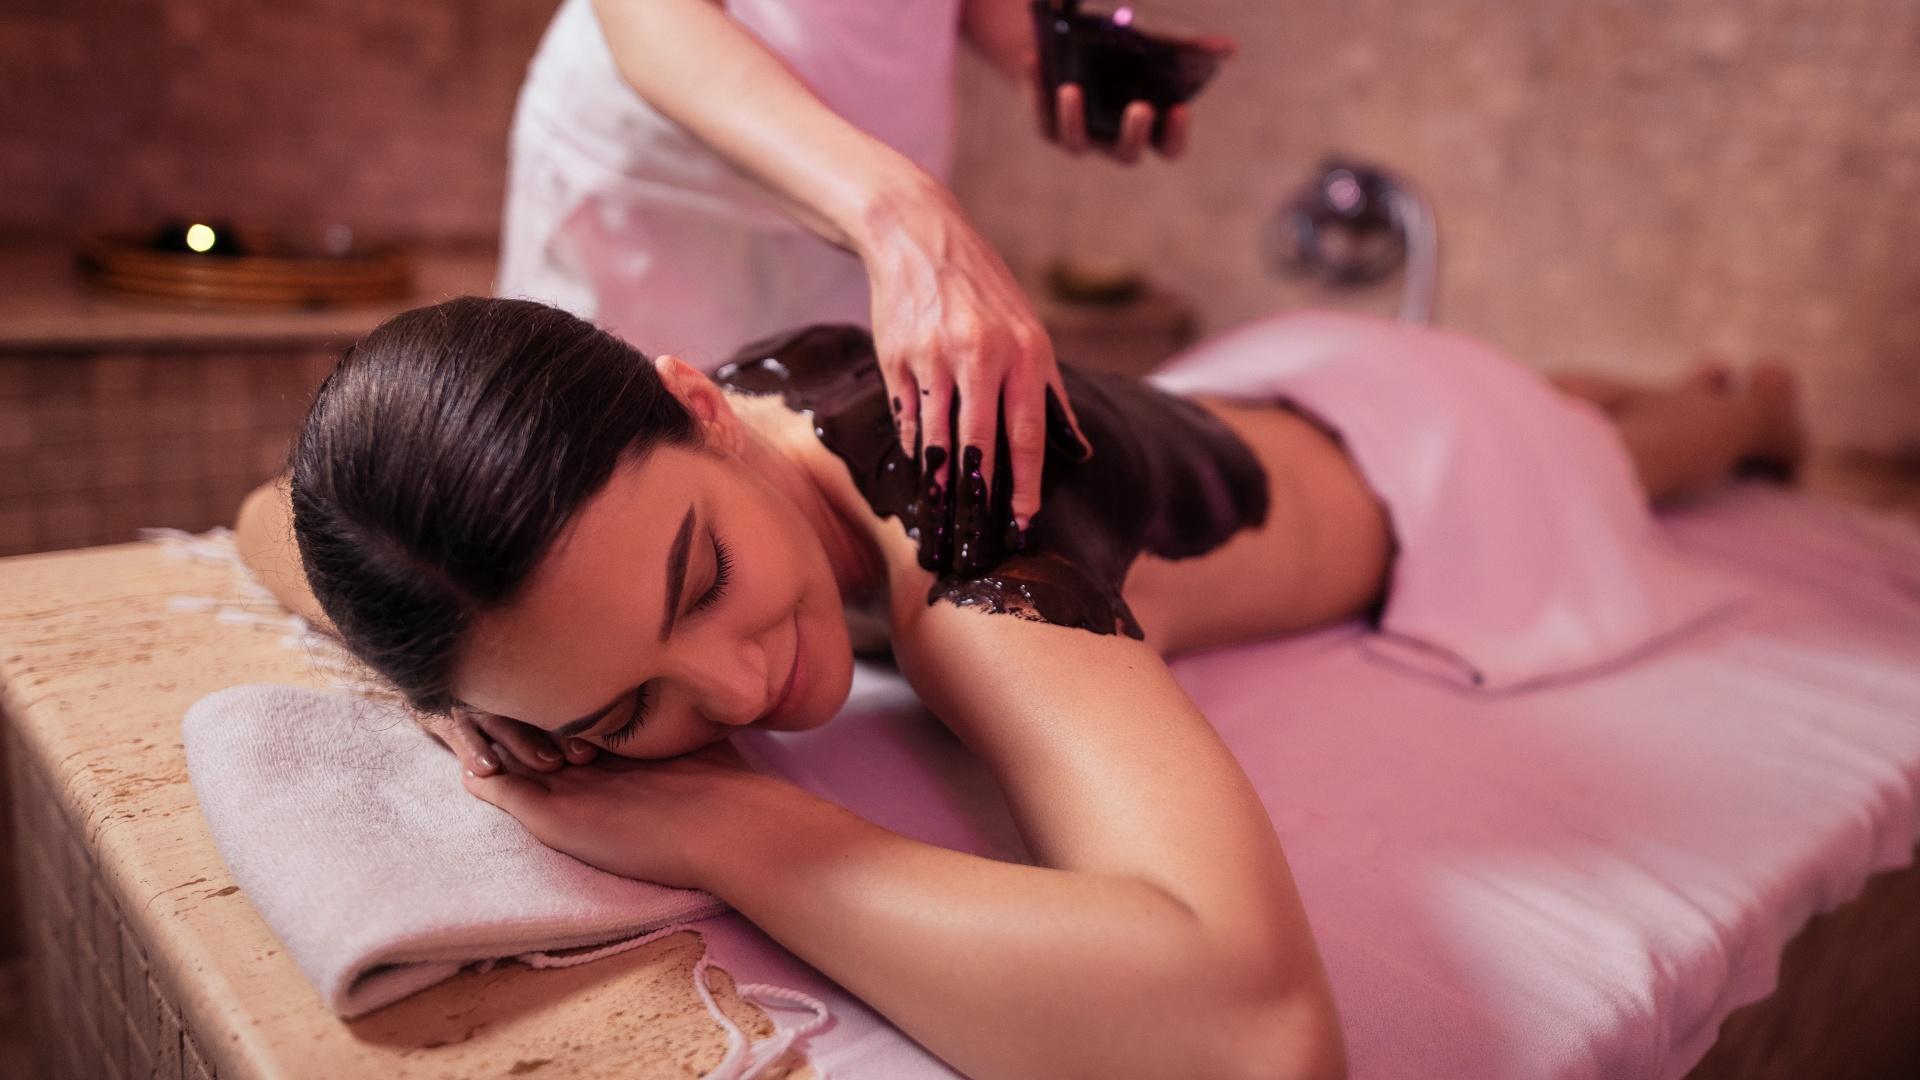 продолжительности красивые спа картинки с шоколадом таком